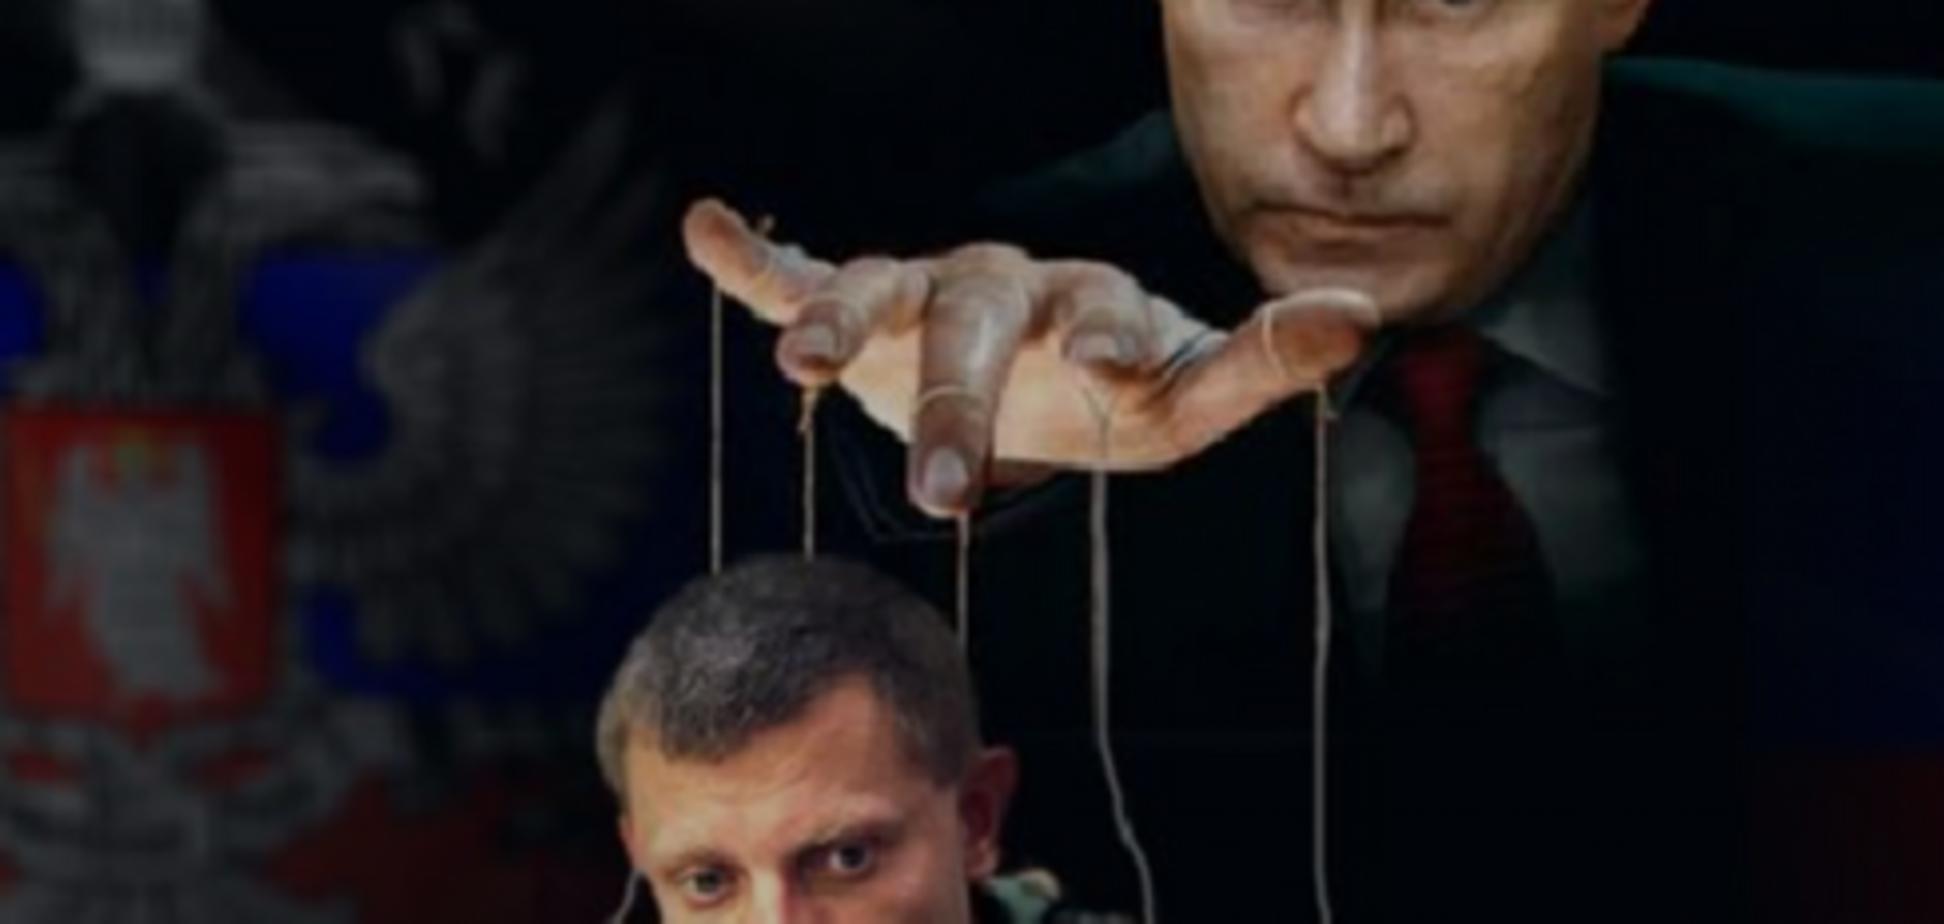 Кремль дав задній хід: ліквідація Захарченка не досягла своєї мети